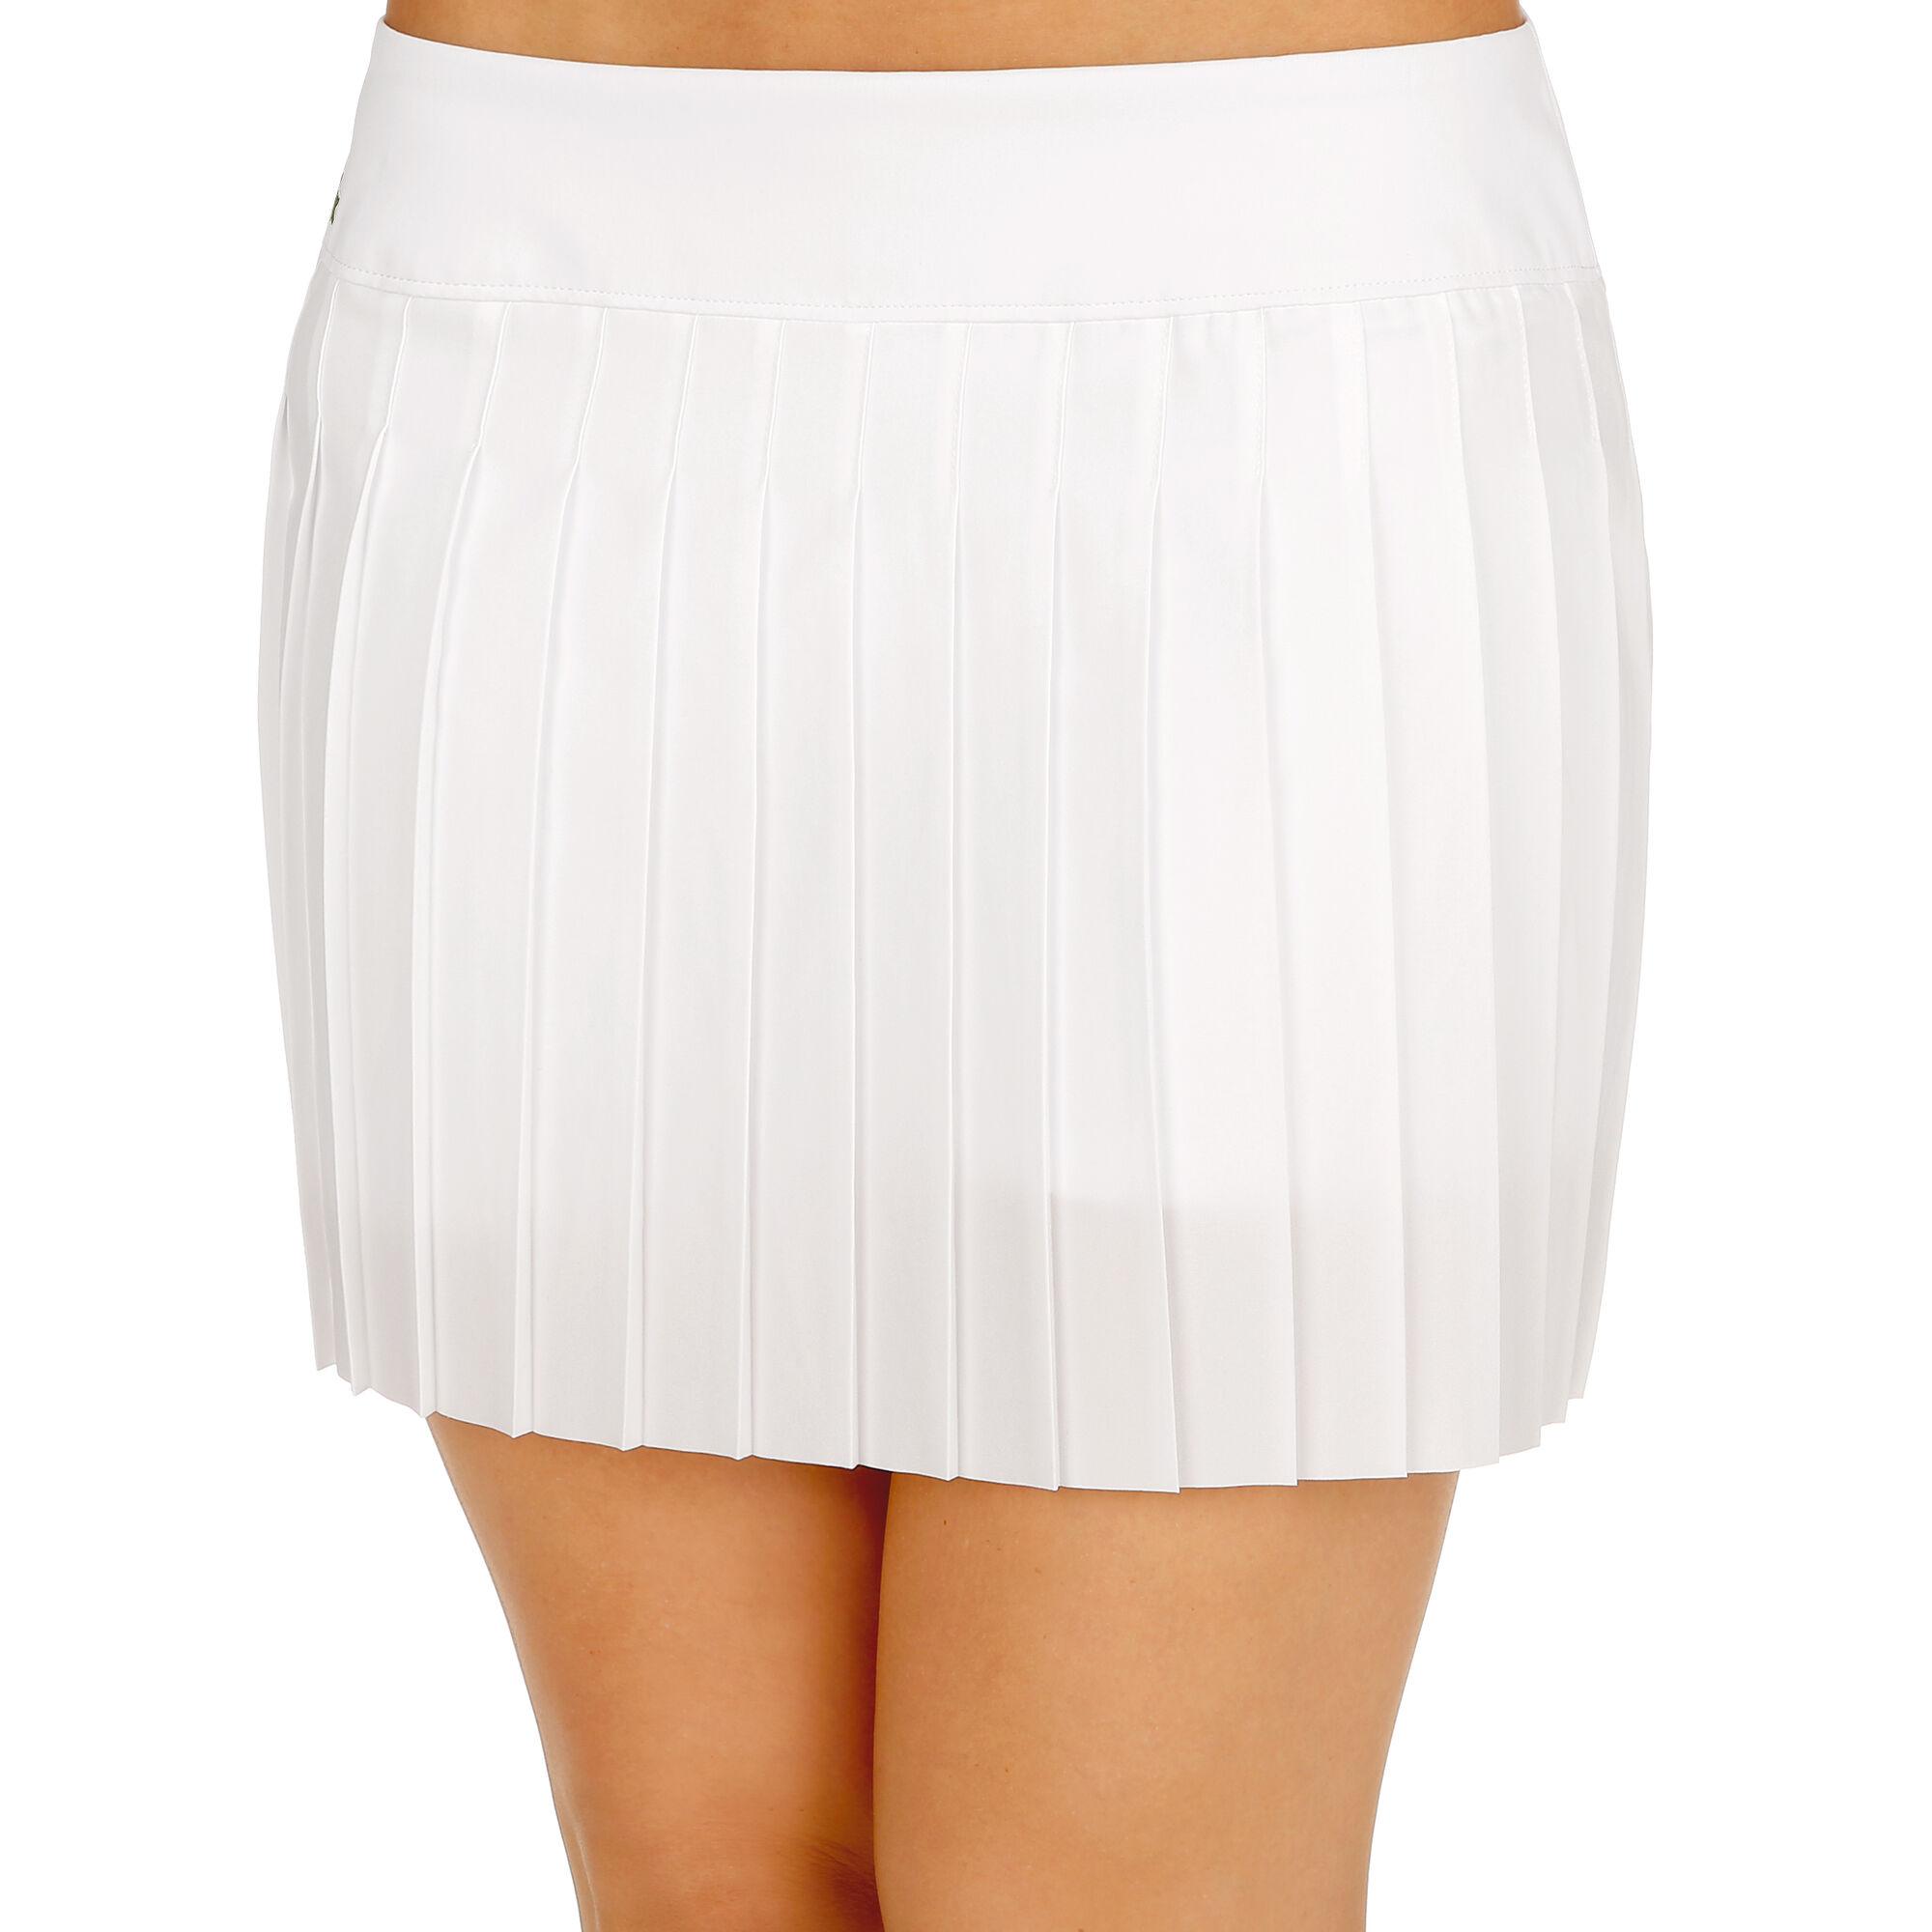 0a26b9fa09 Lacoste Seasonal I Jupe Femmes - Blanc online kopen | Tennis-Point